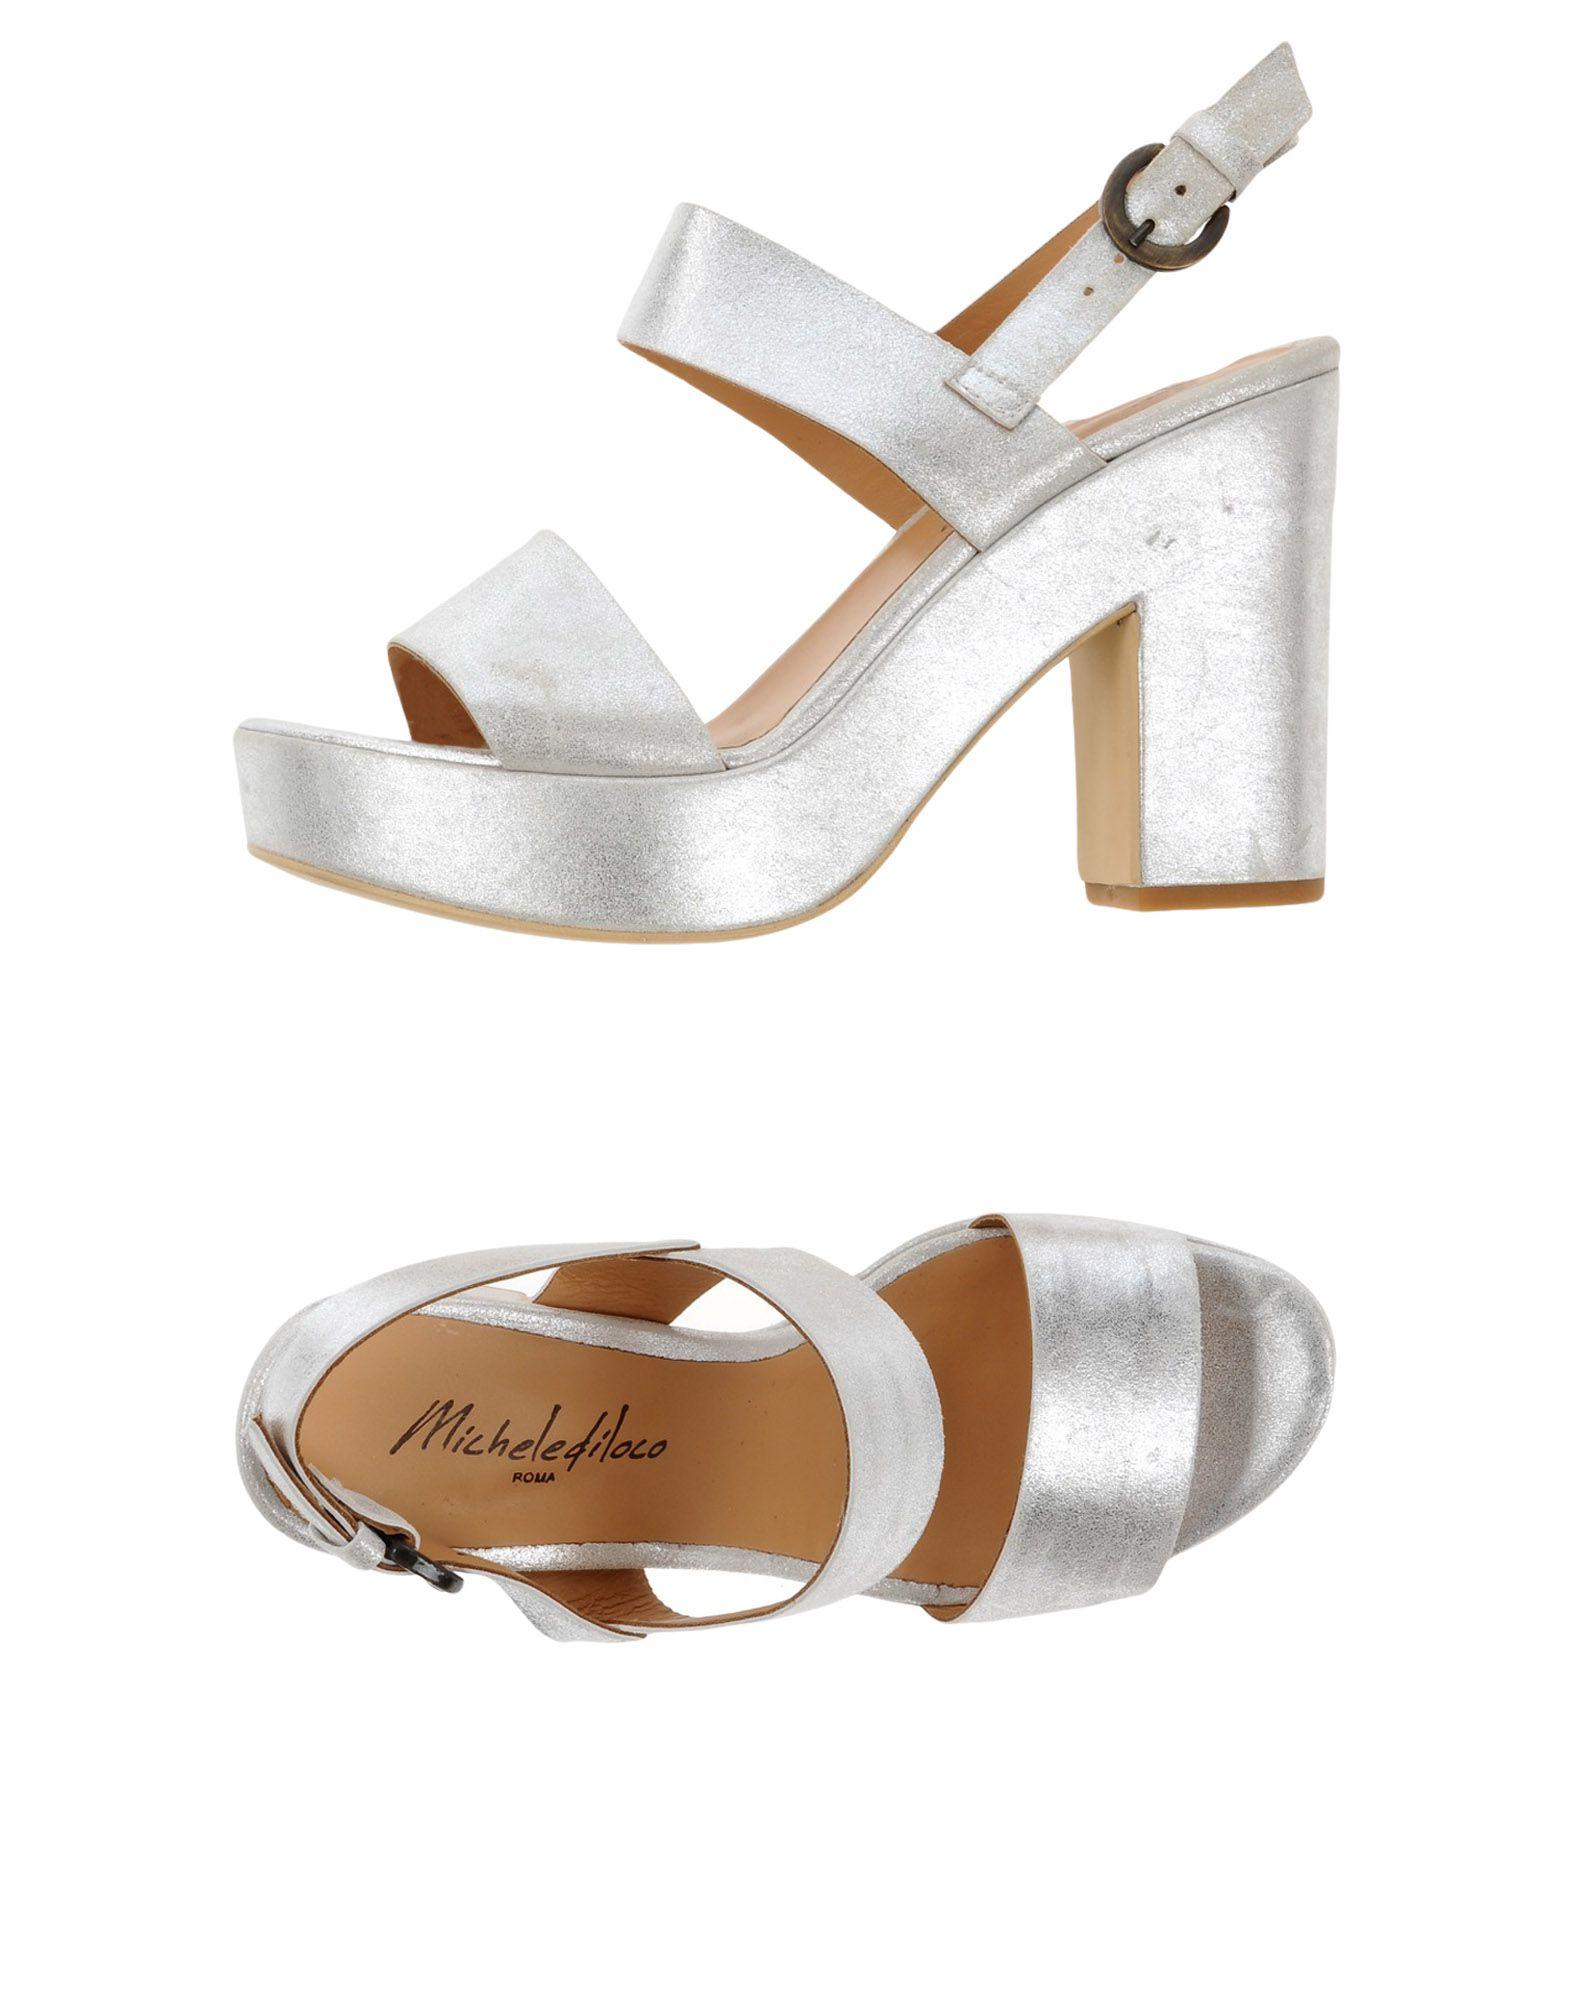 Michelediloco Sandalen beliebte Damen 11376894OD Gute Qualität beliebte Sandalen Schuhe 1208db